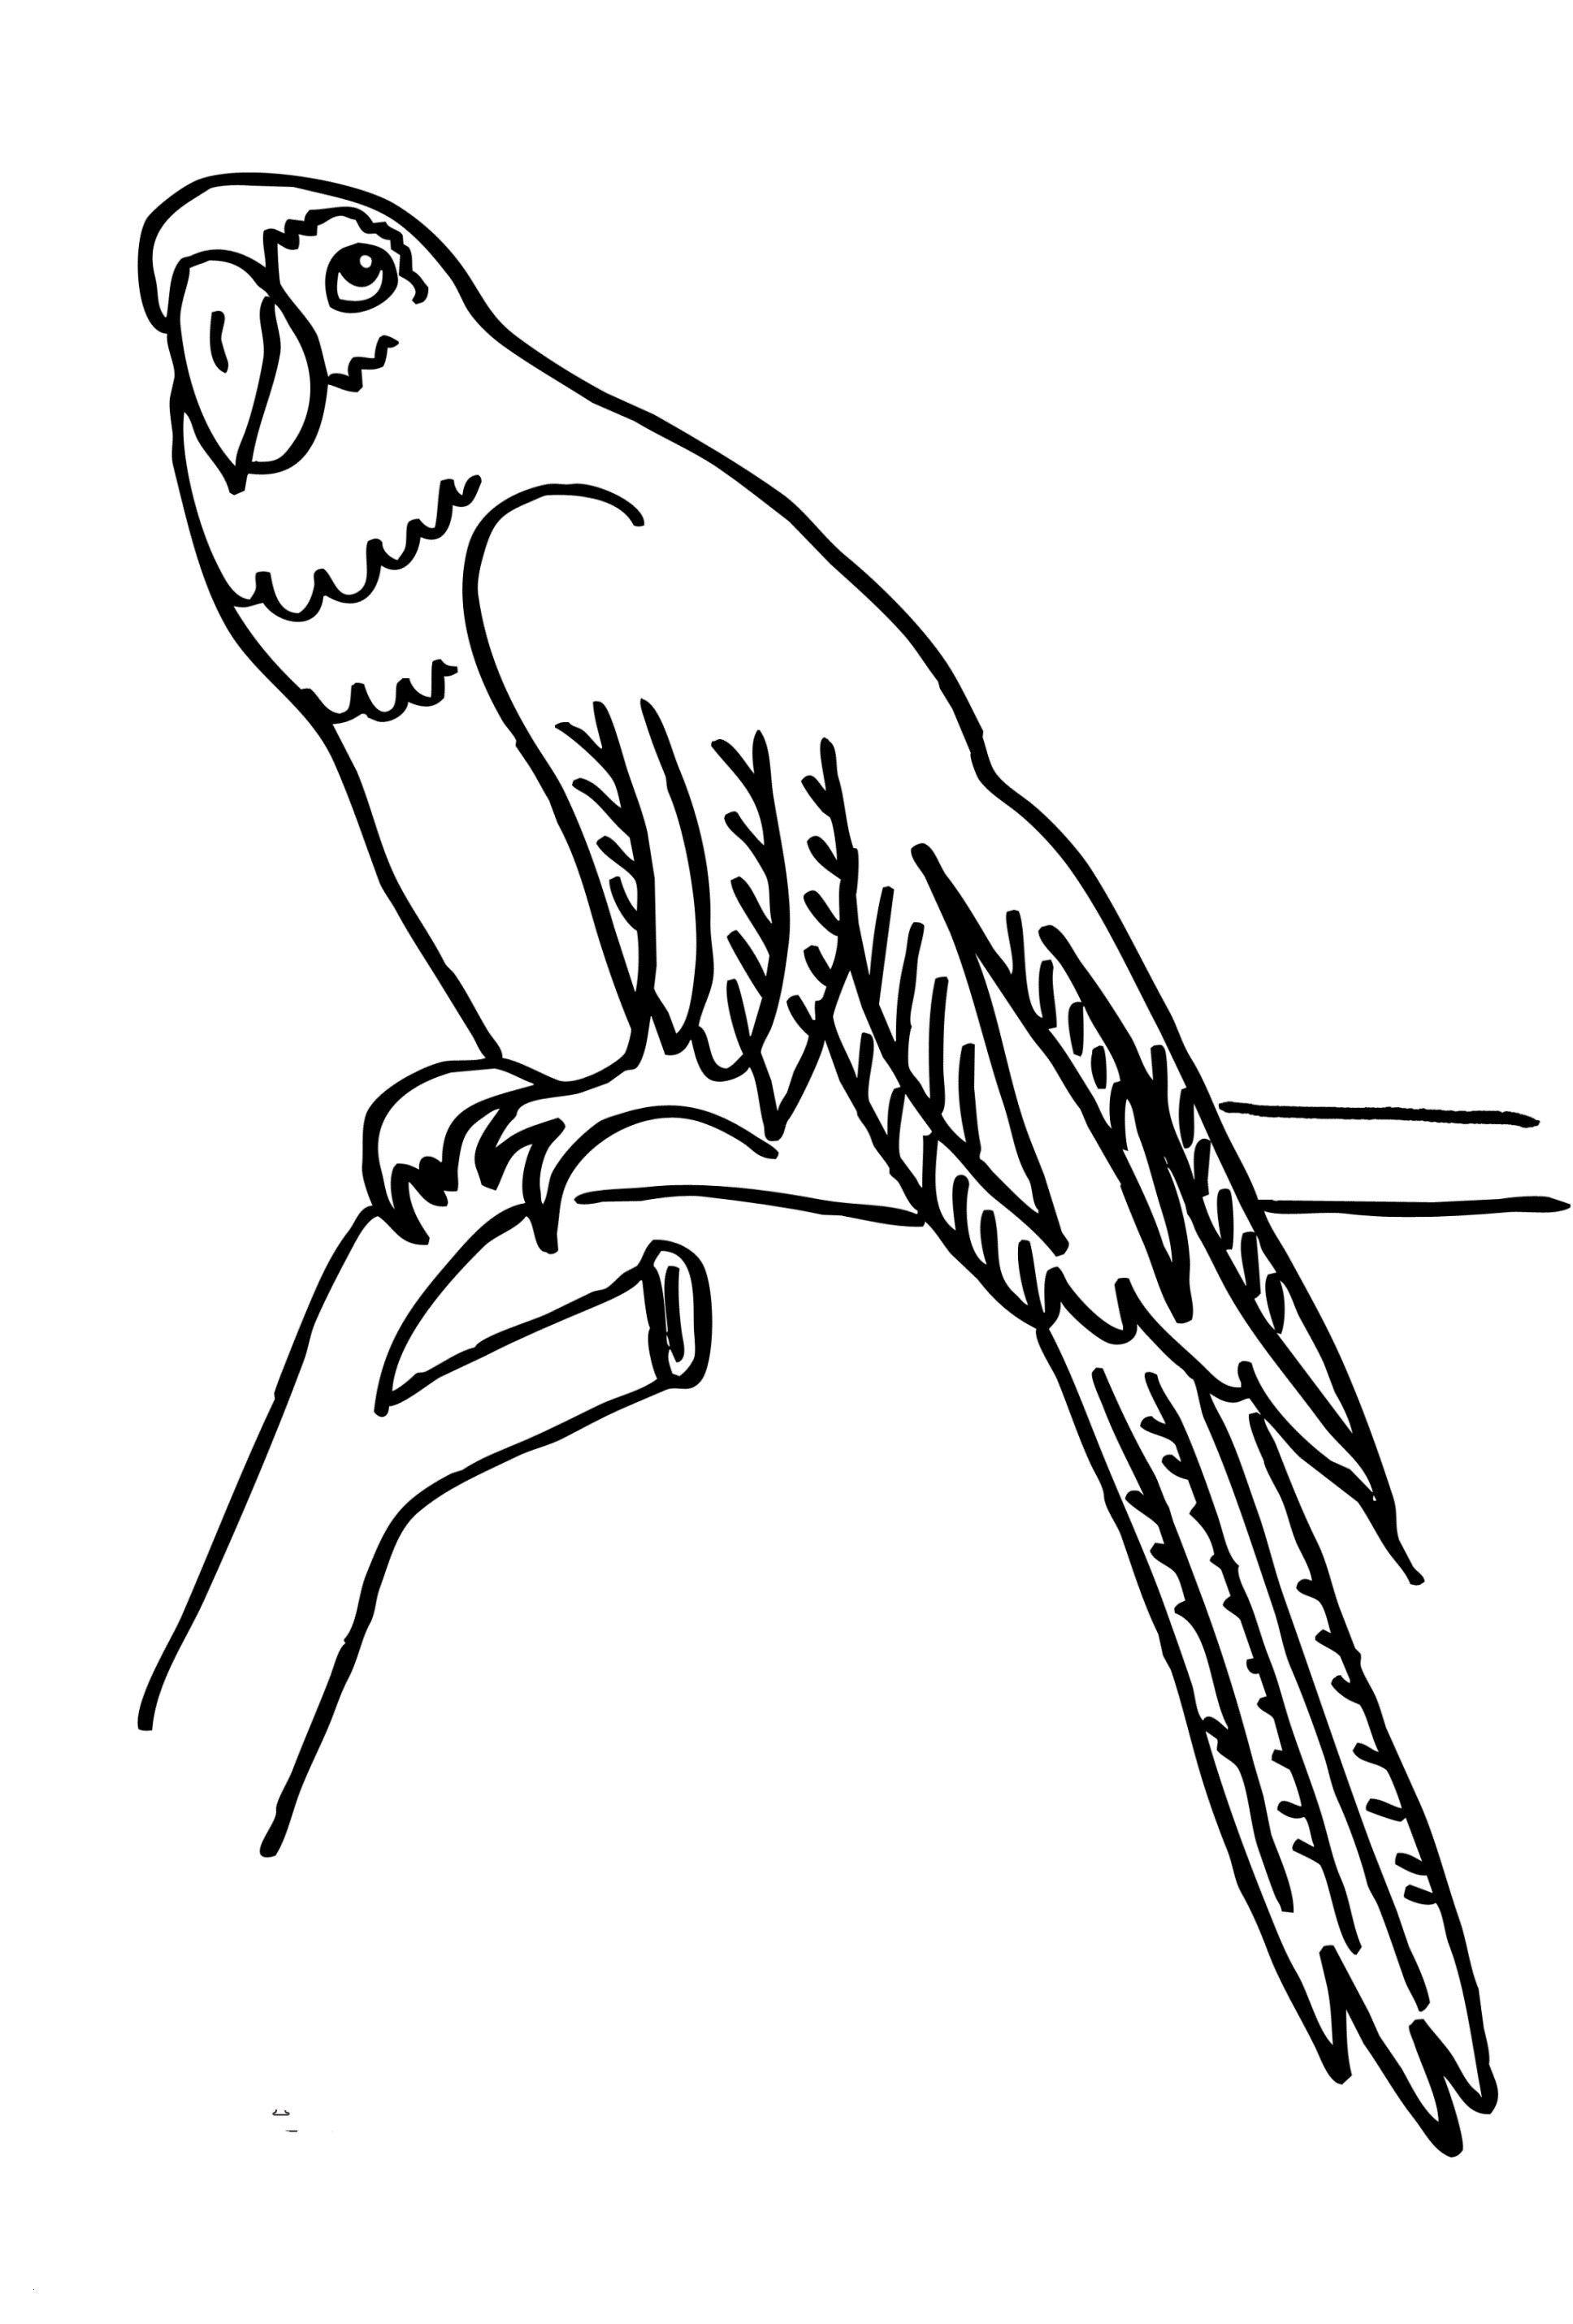 Spektakulär Malvorlage Papagei Aufenthalt Cool und vielen Dank für